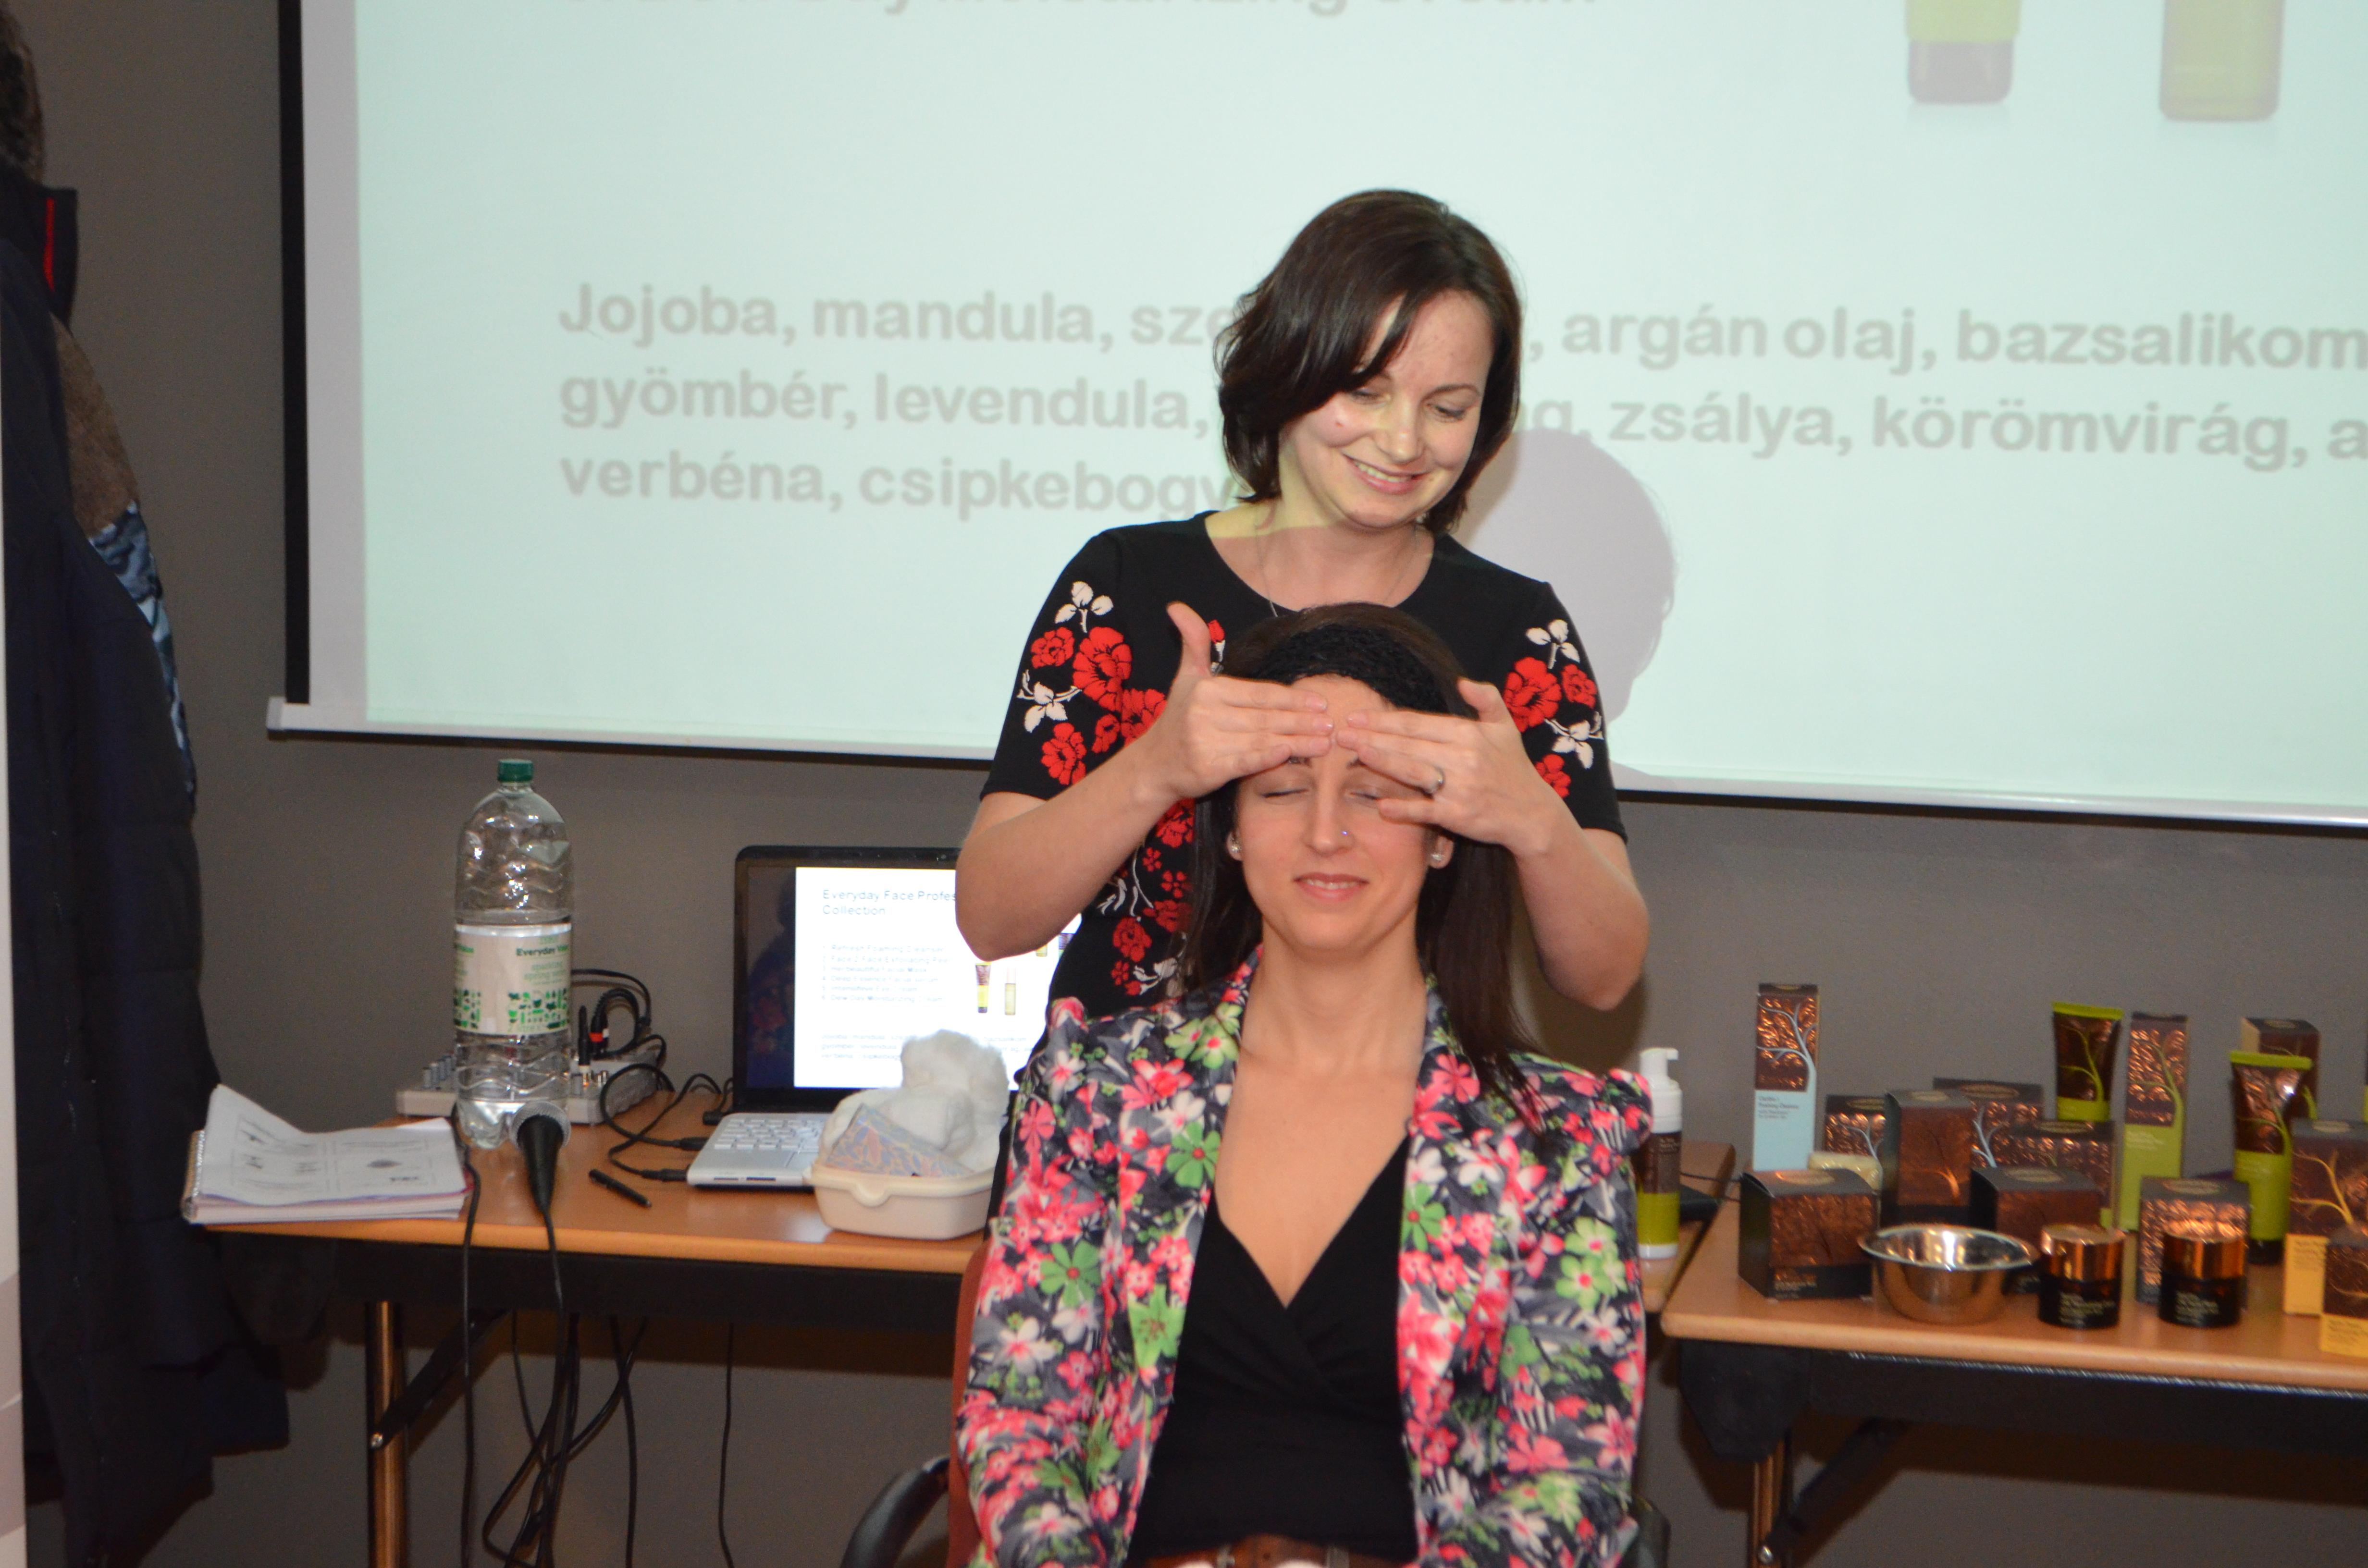 fekete hajnal keni Kovács Viktória arcát a Botanifique kozmetikumokkal